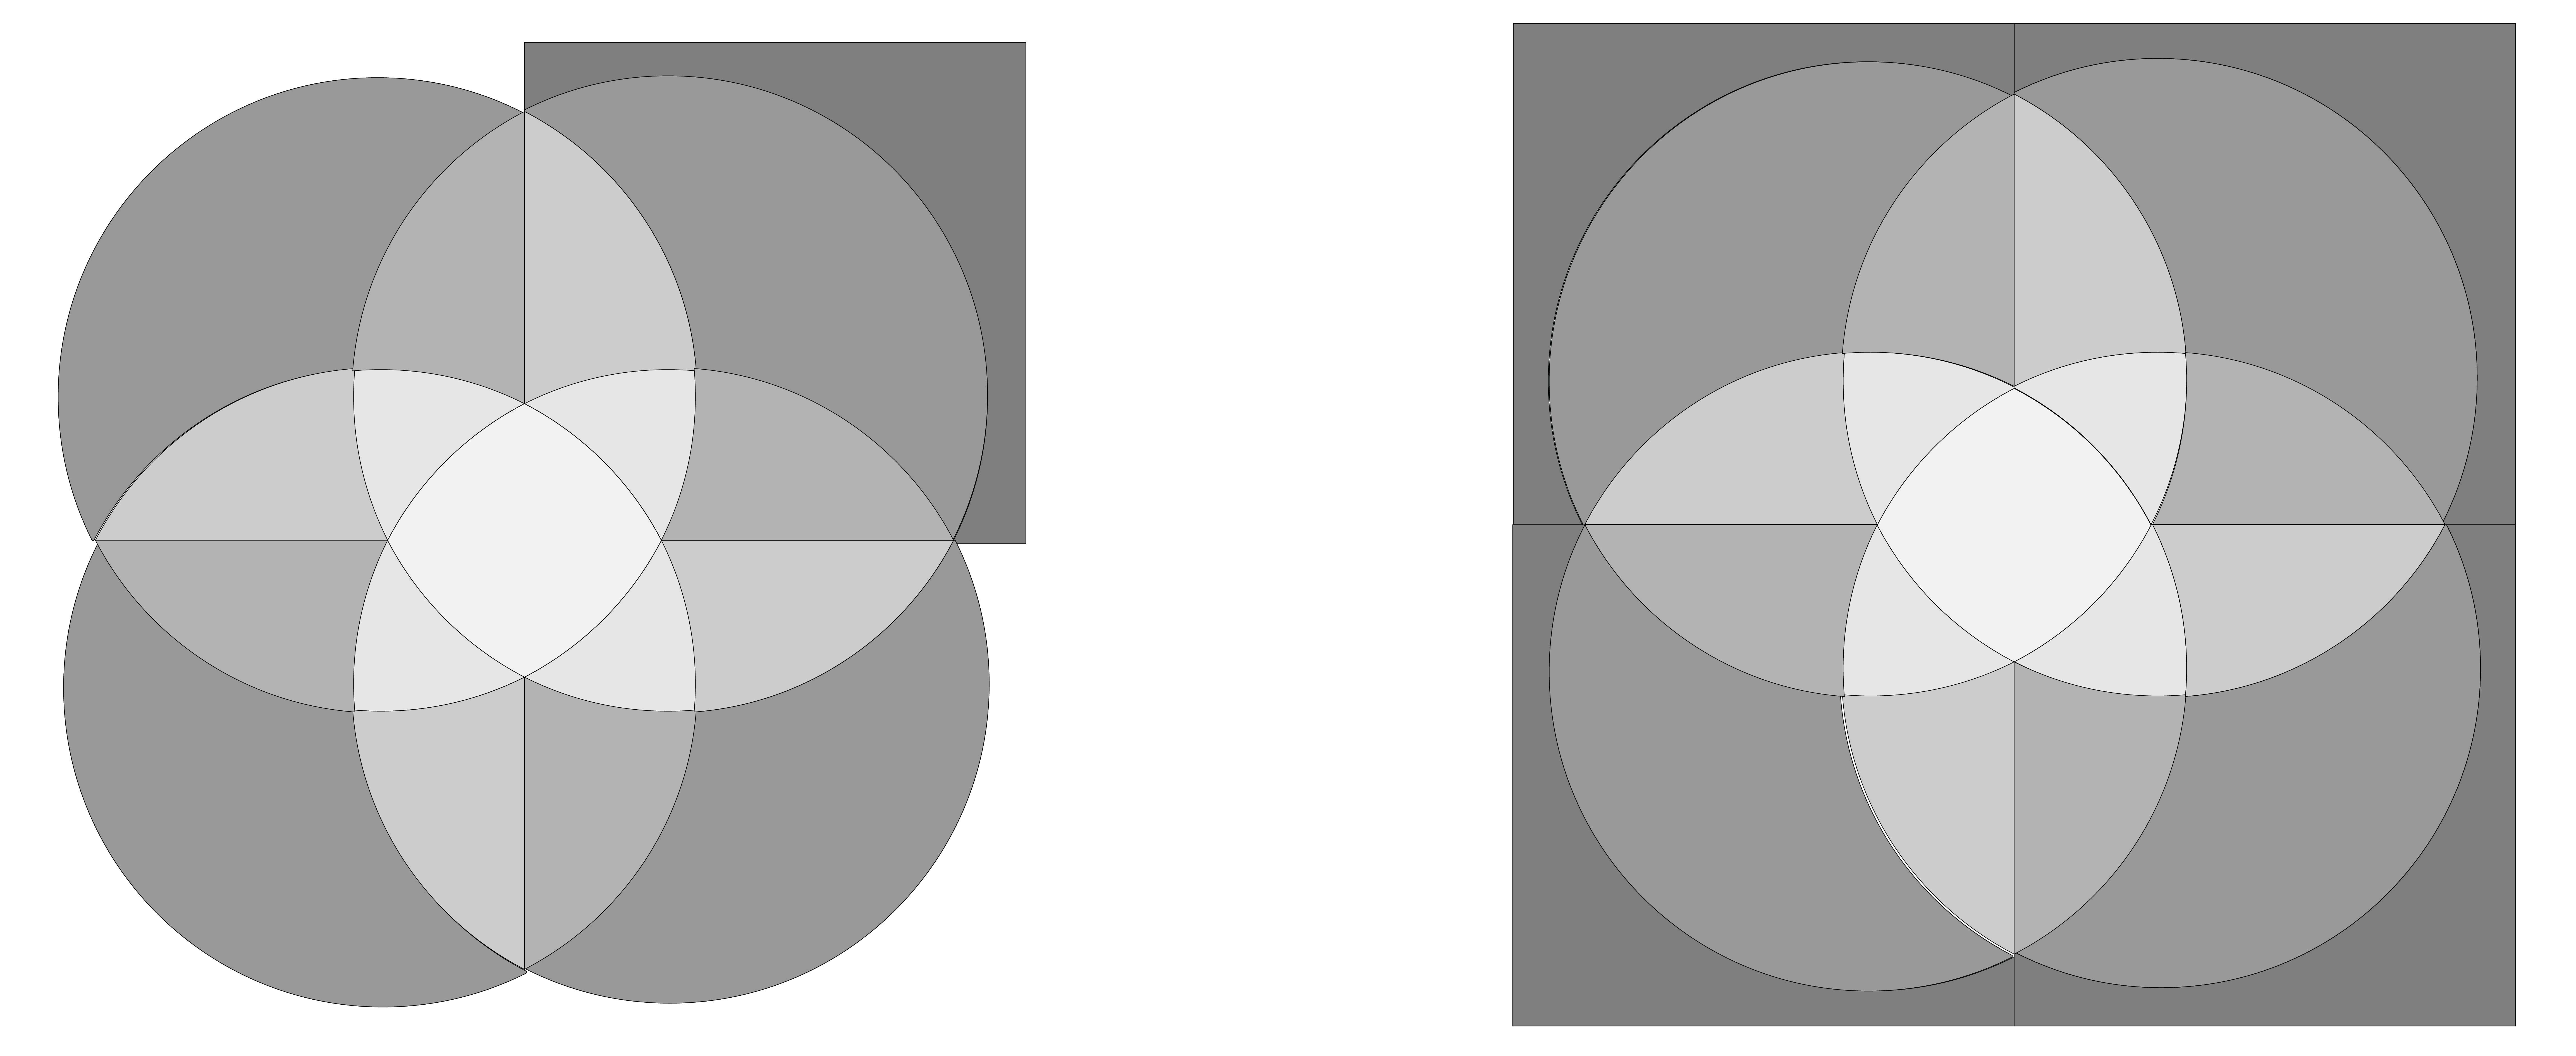 diagrams_2-06